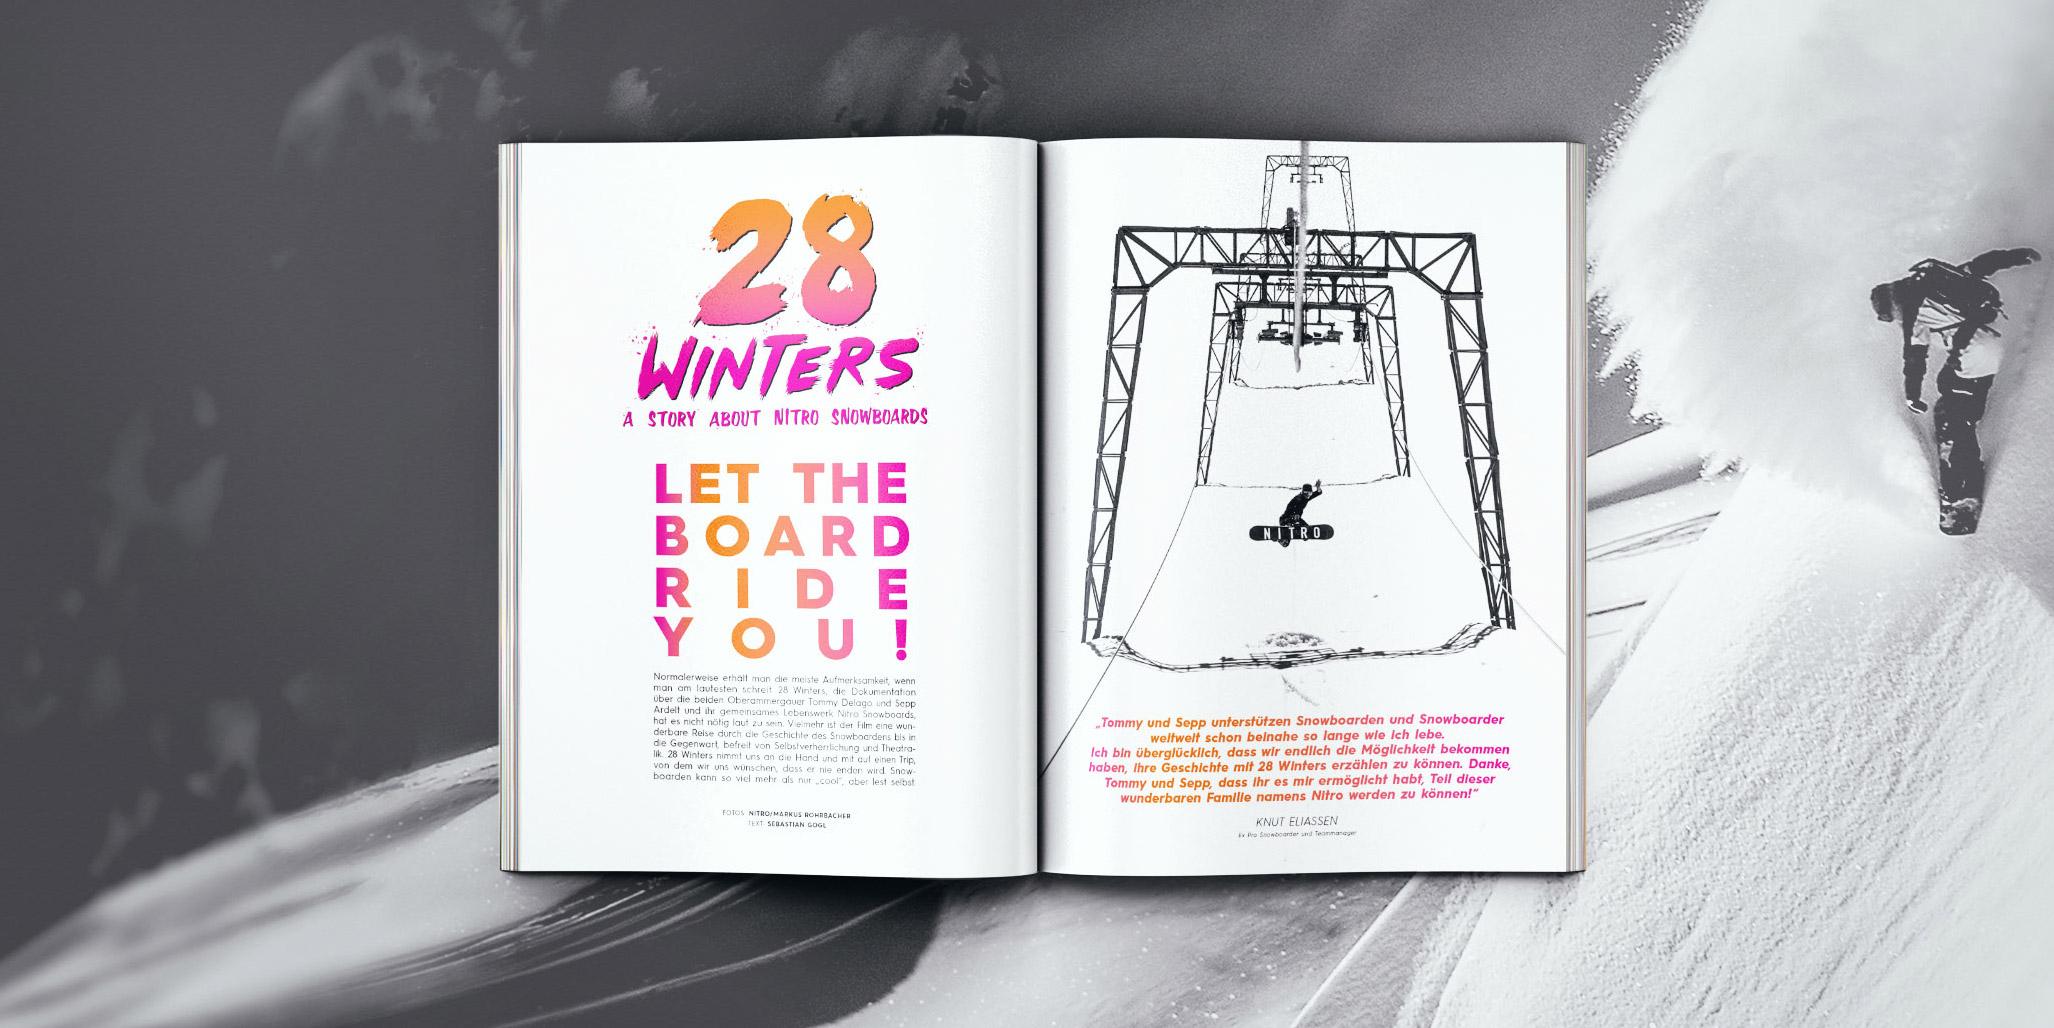 Wir haben uns die Dokumentation über Nitro Snowboards genauer angeschaut